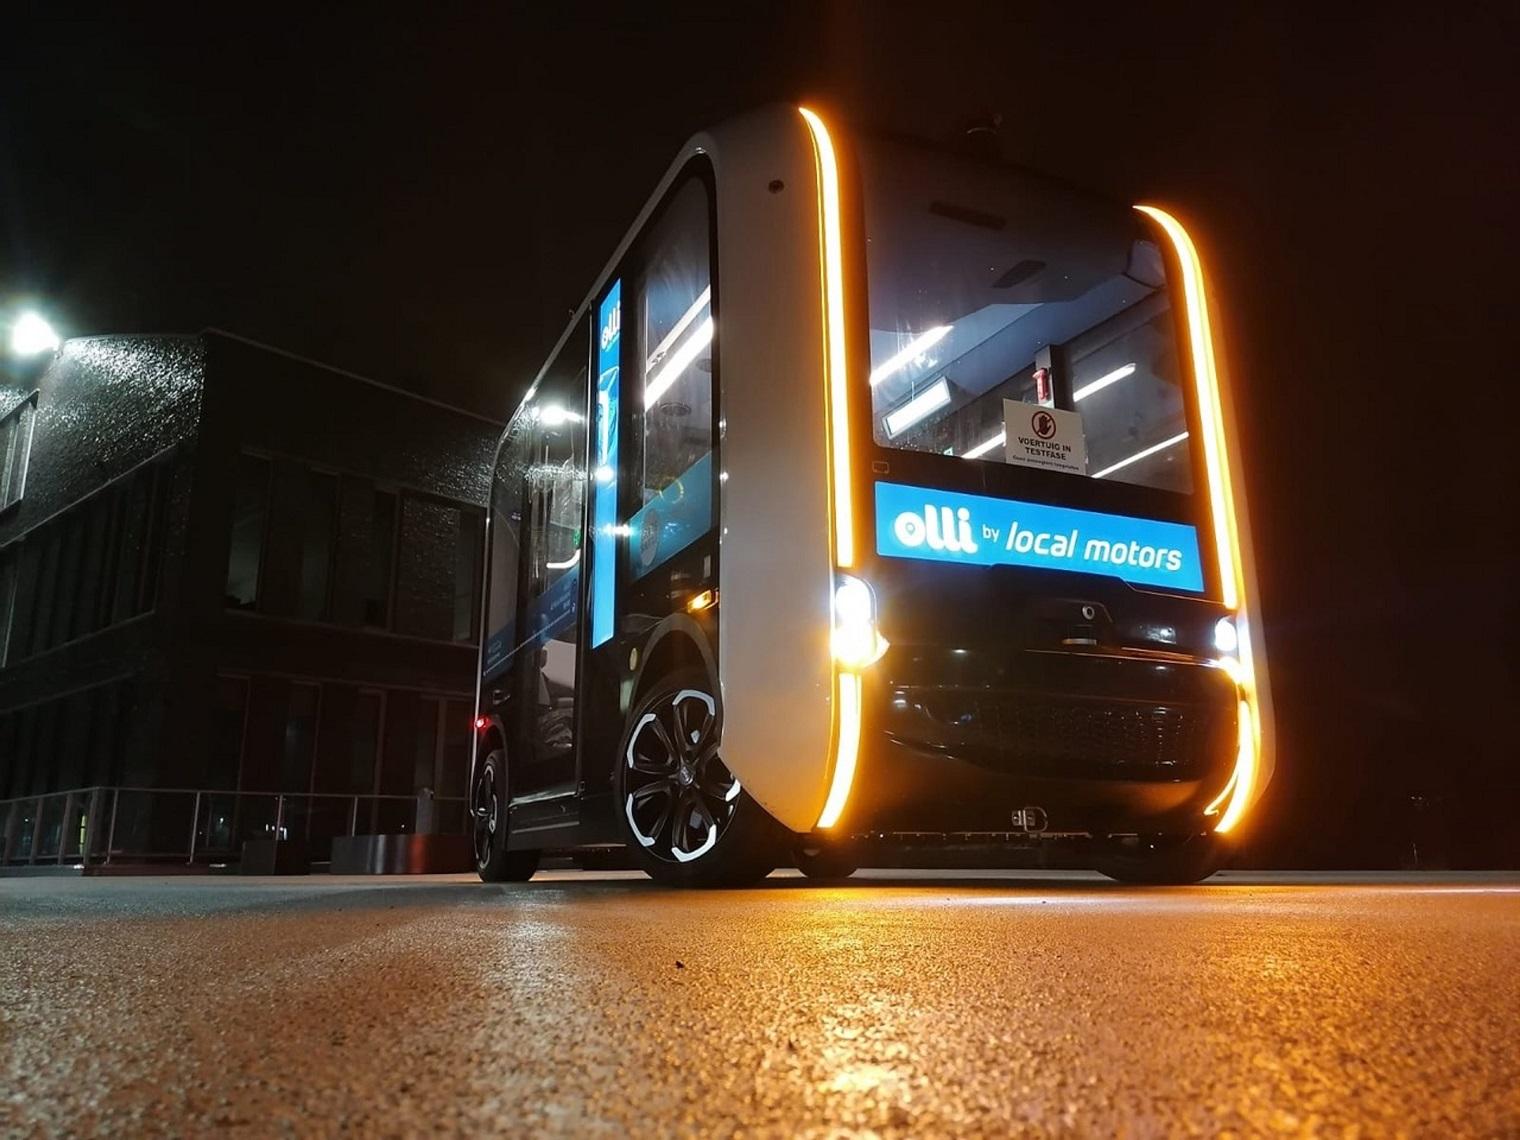 Olli minibus elettrico guida autonoma